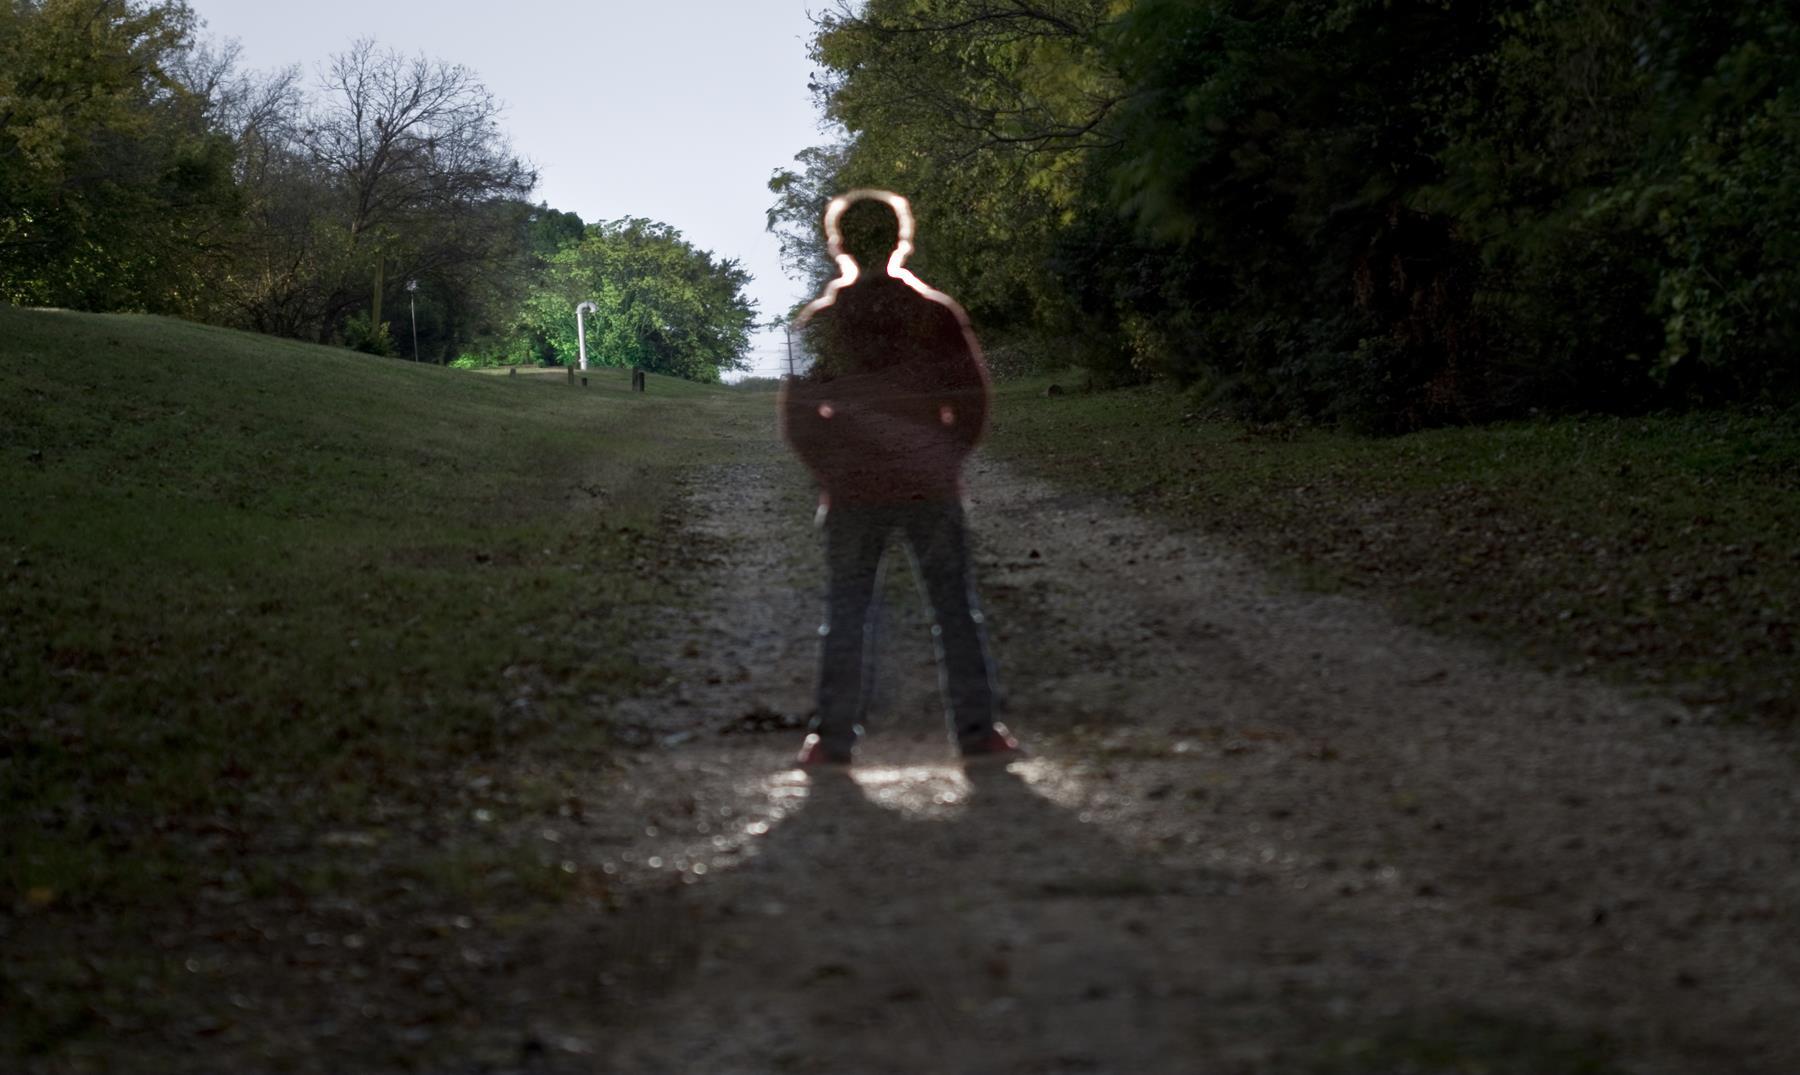 La desgraciada historia de los niños fantasma de San Antonio, Texas